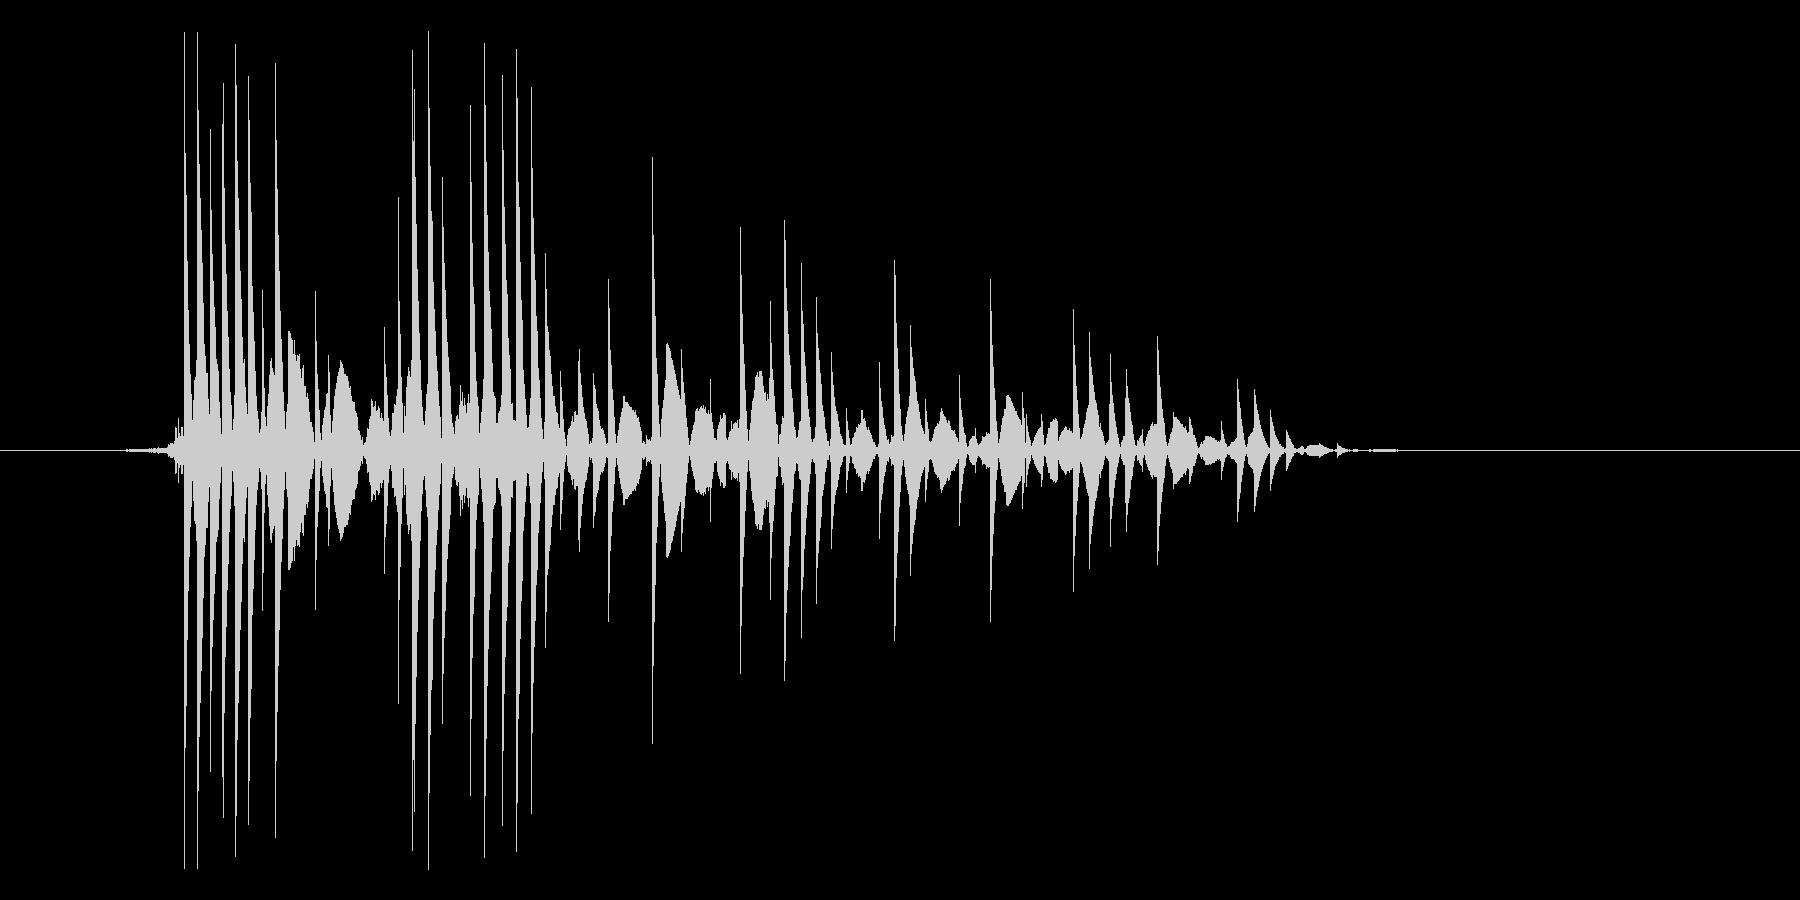 ゲーム(ファミコン風)爆発音_024の未再生の波形